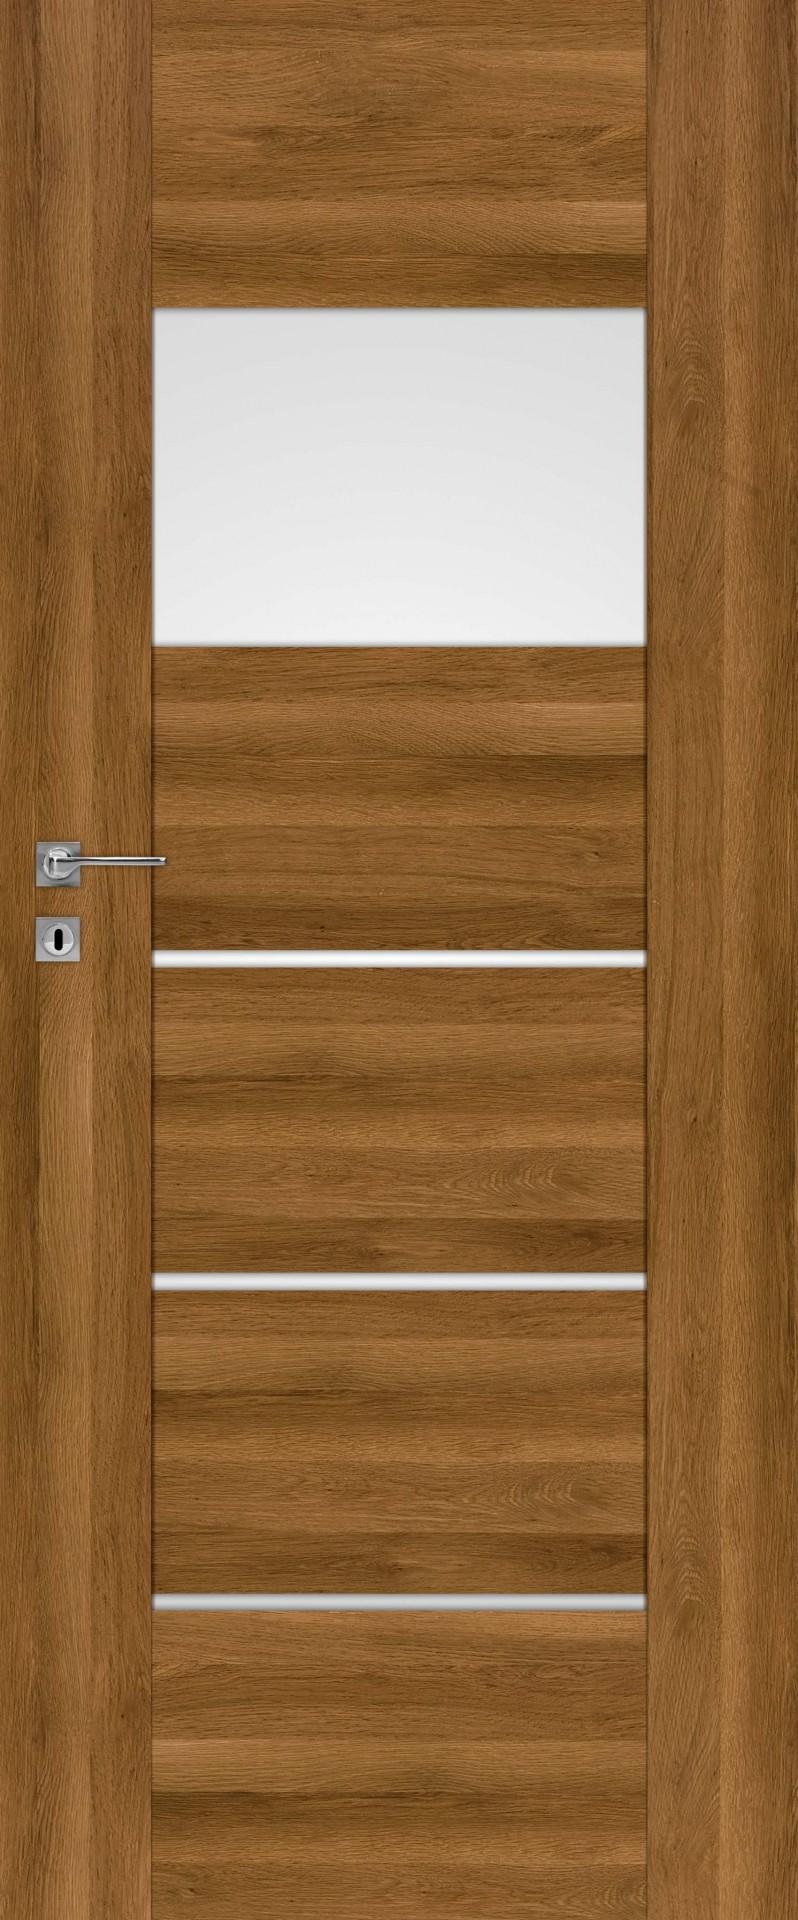 Dre dveře AURI 1, Šíře v cm 60